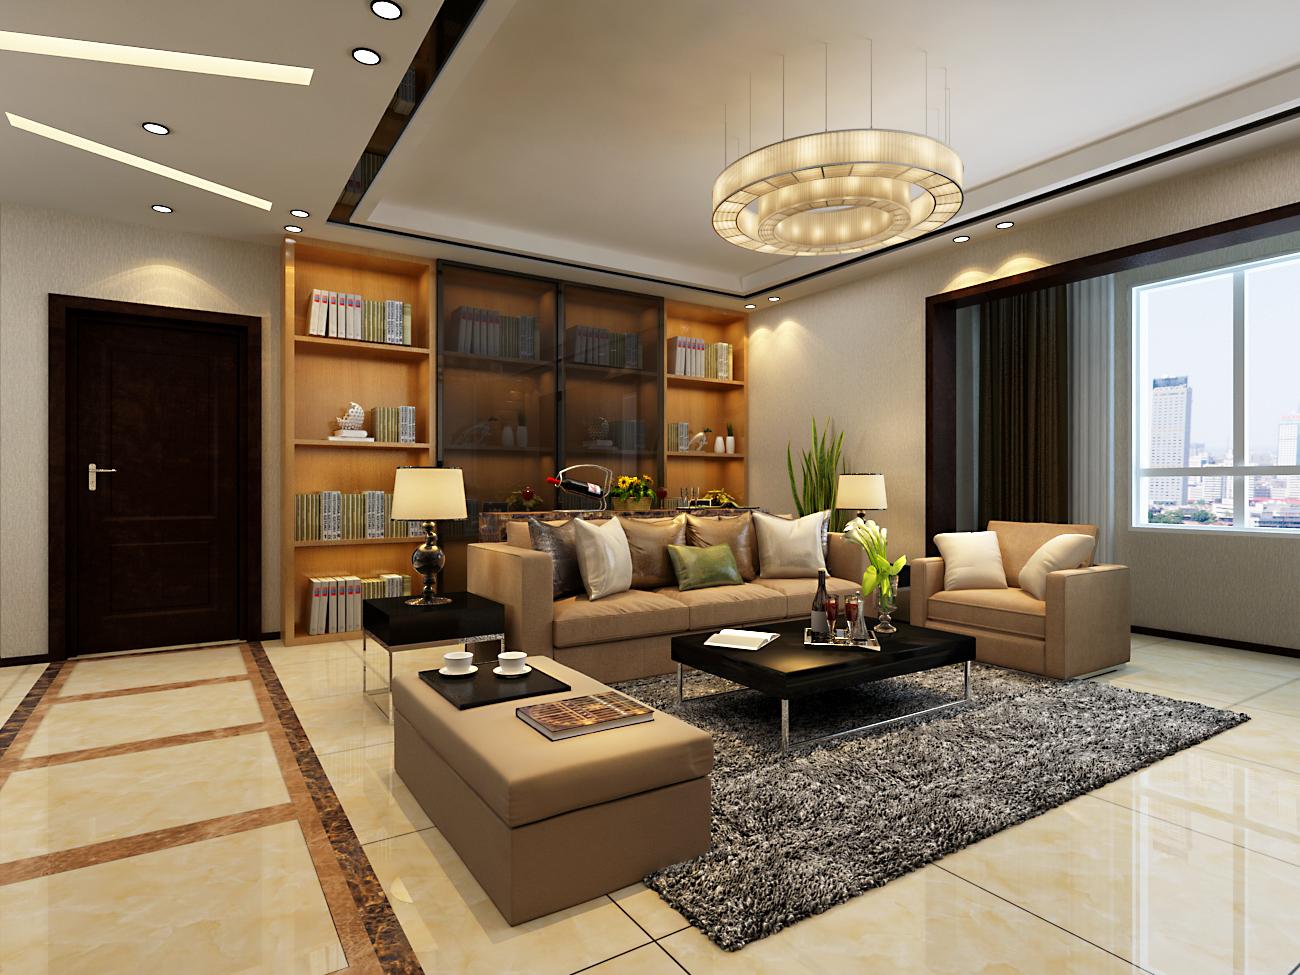 客厅图片来自天津科艺隆装饰在童年河-现代简约-130㎡的分享